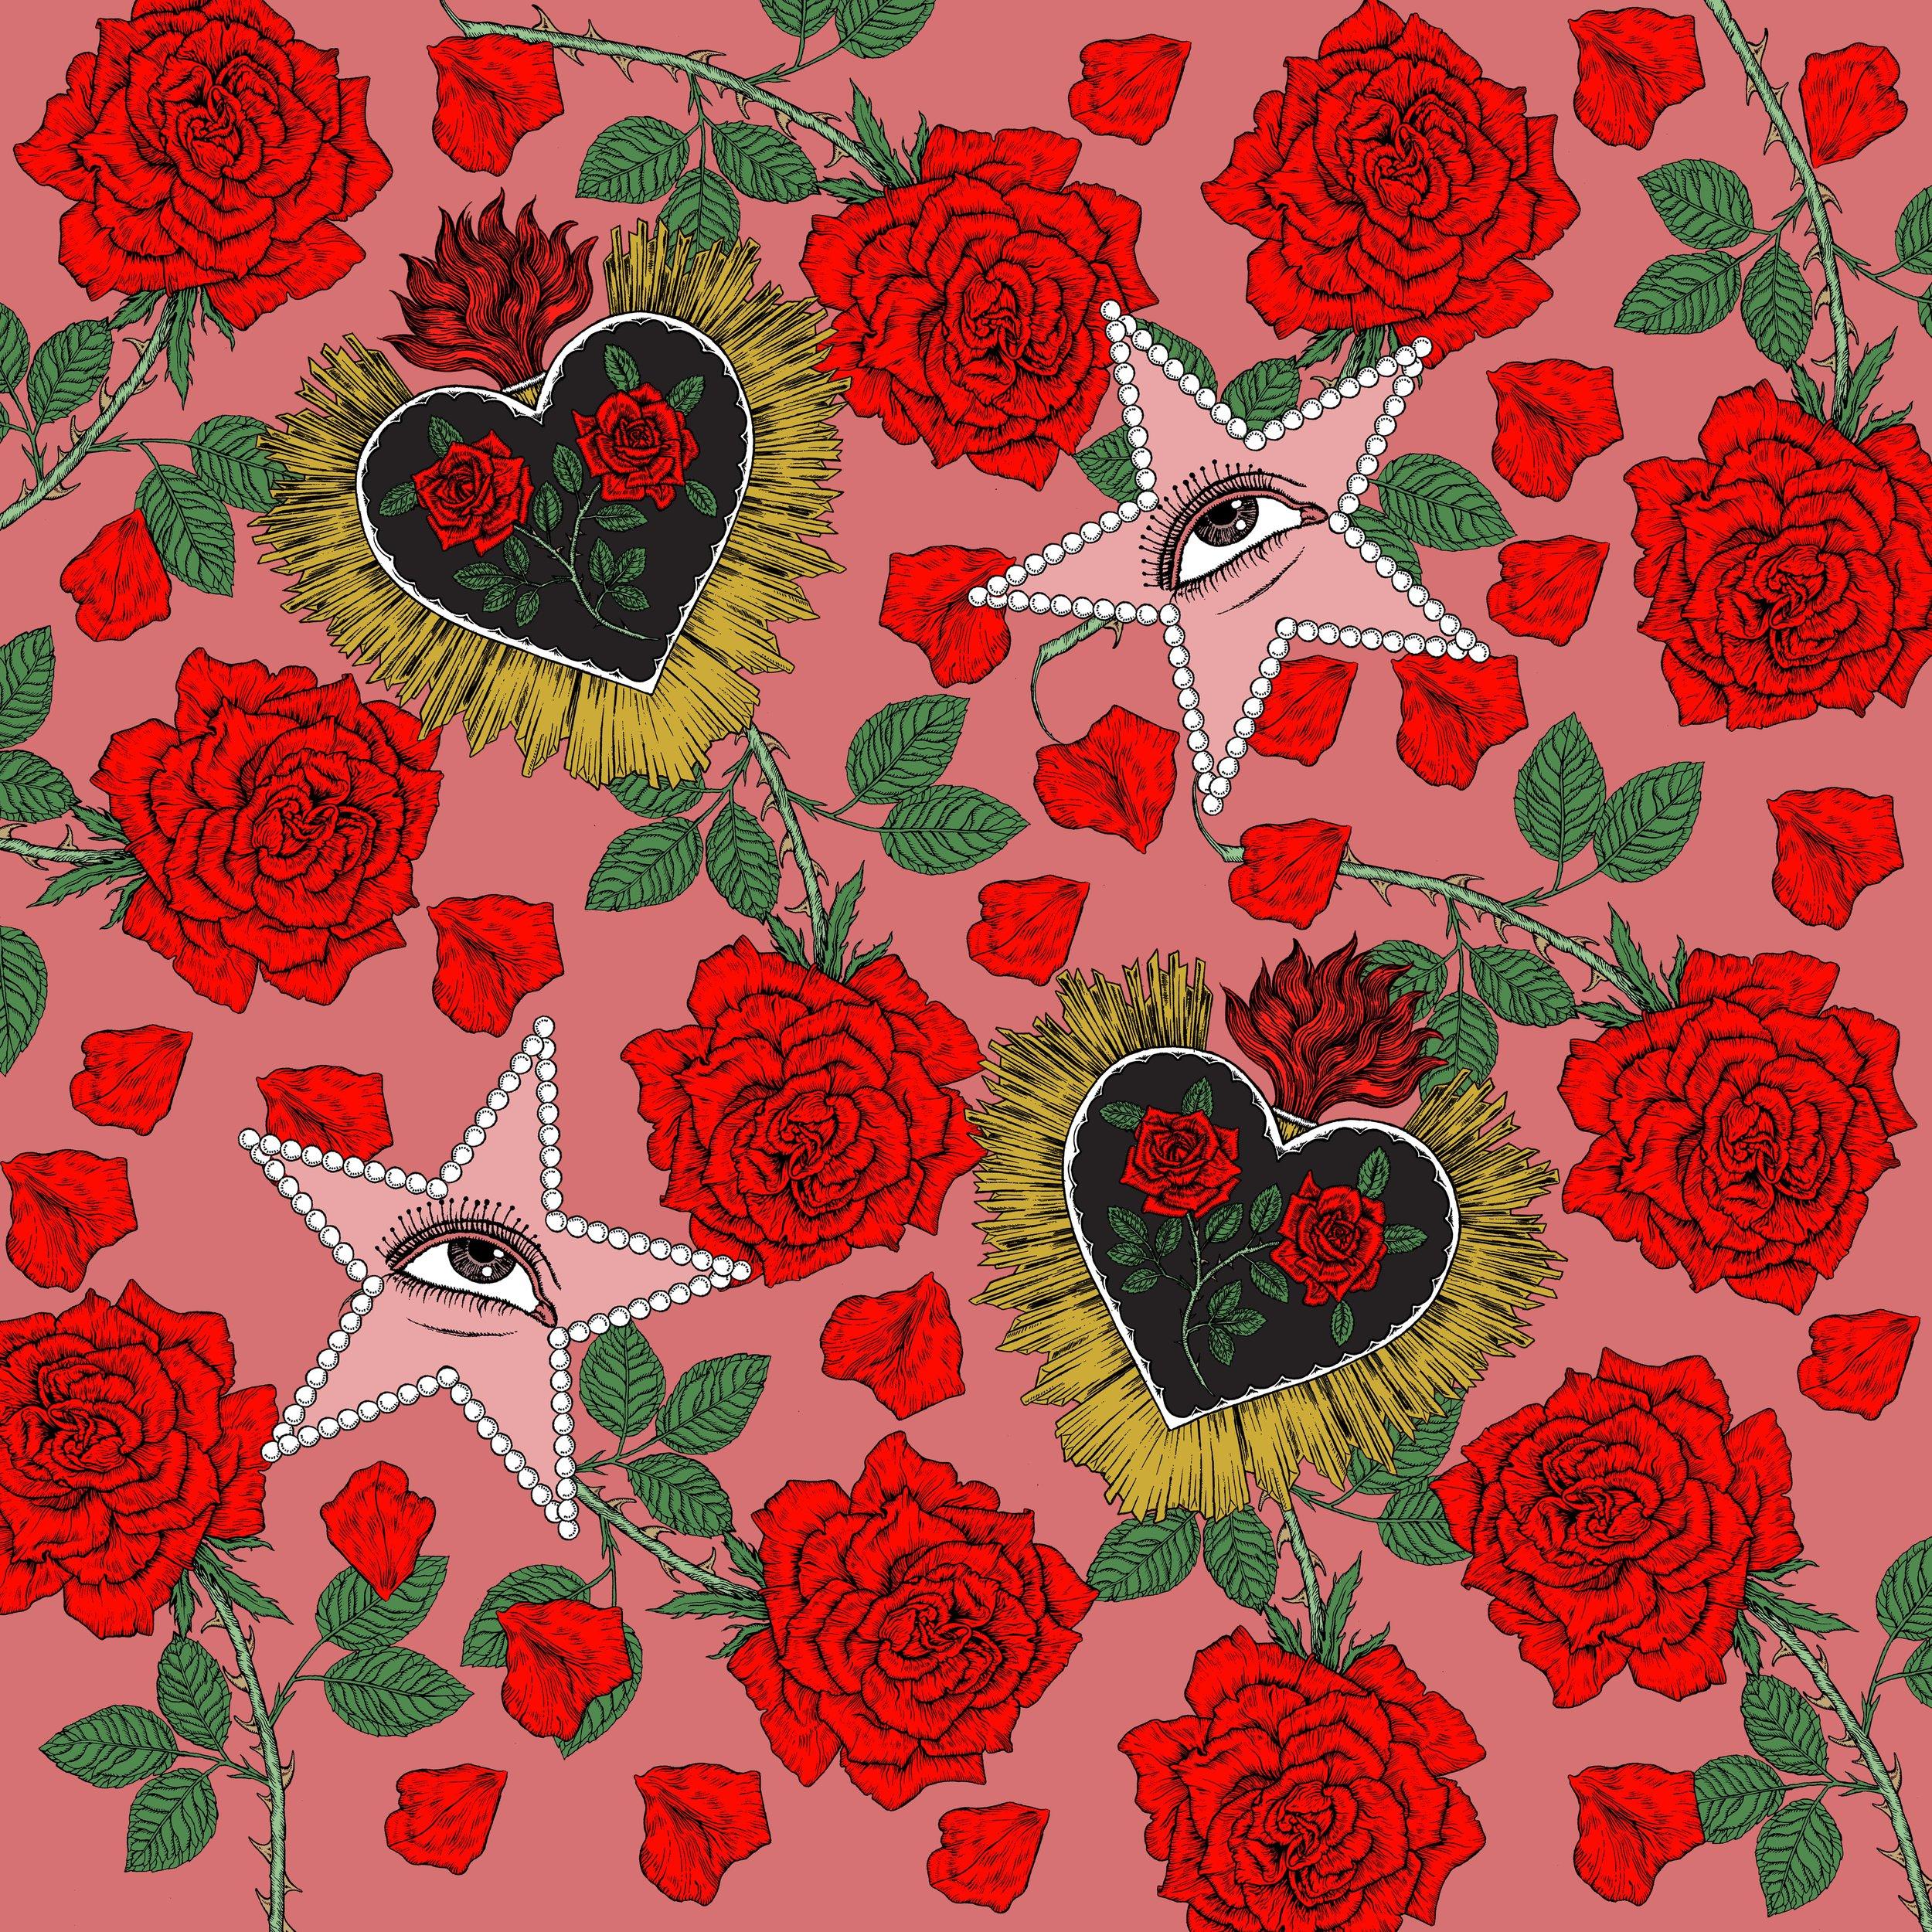 sacredheart_pattern.jpg